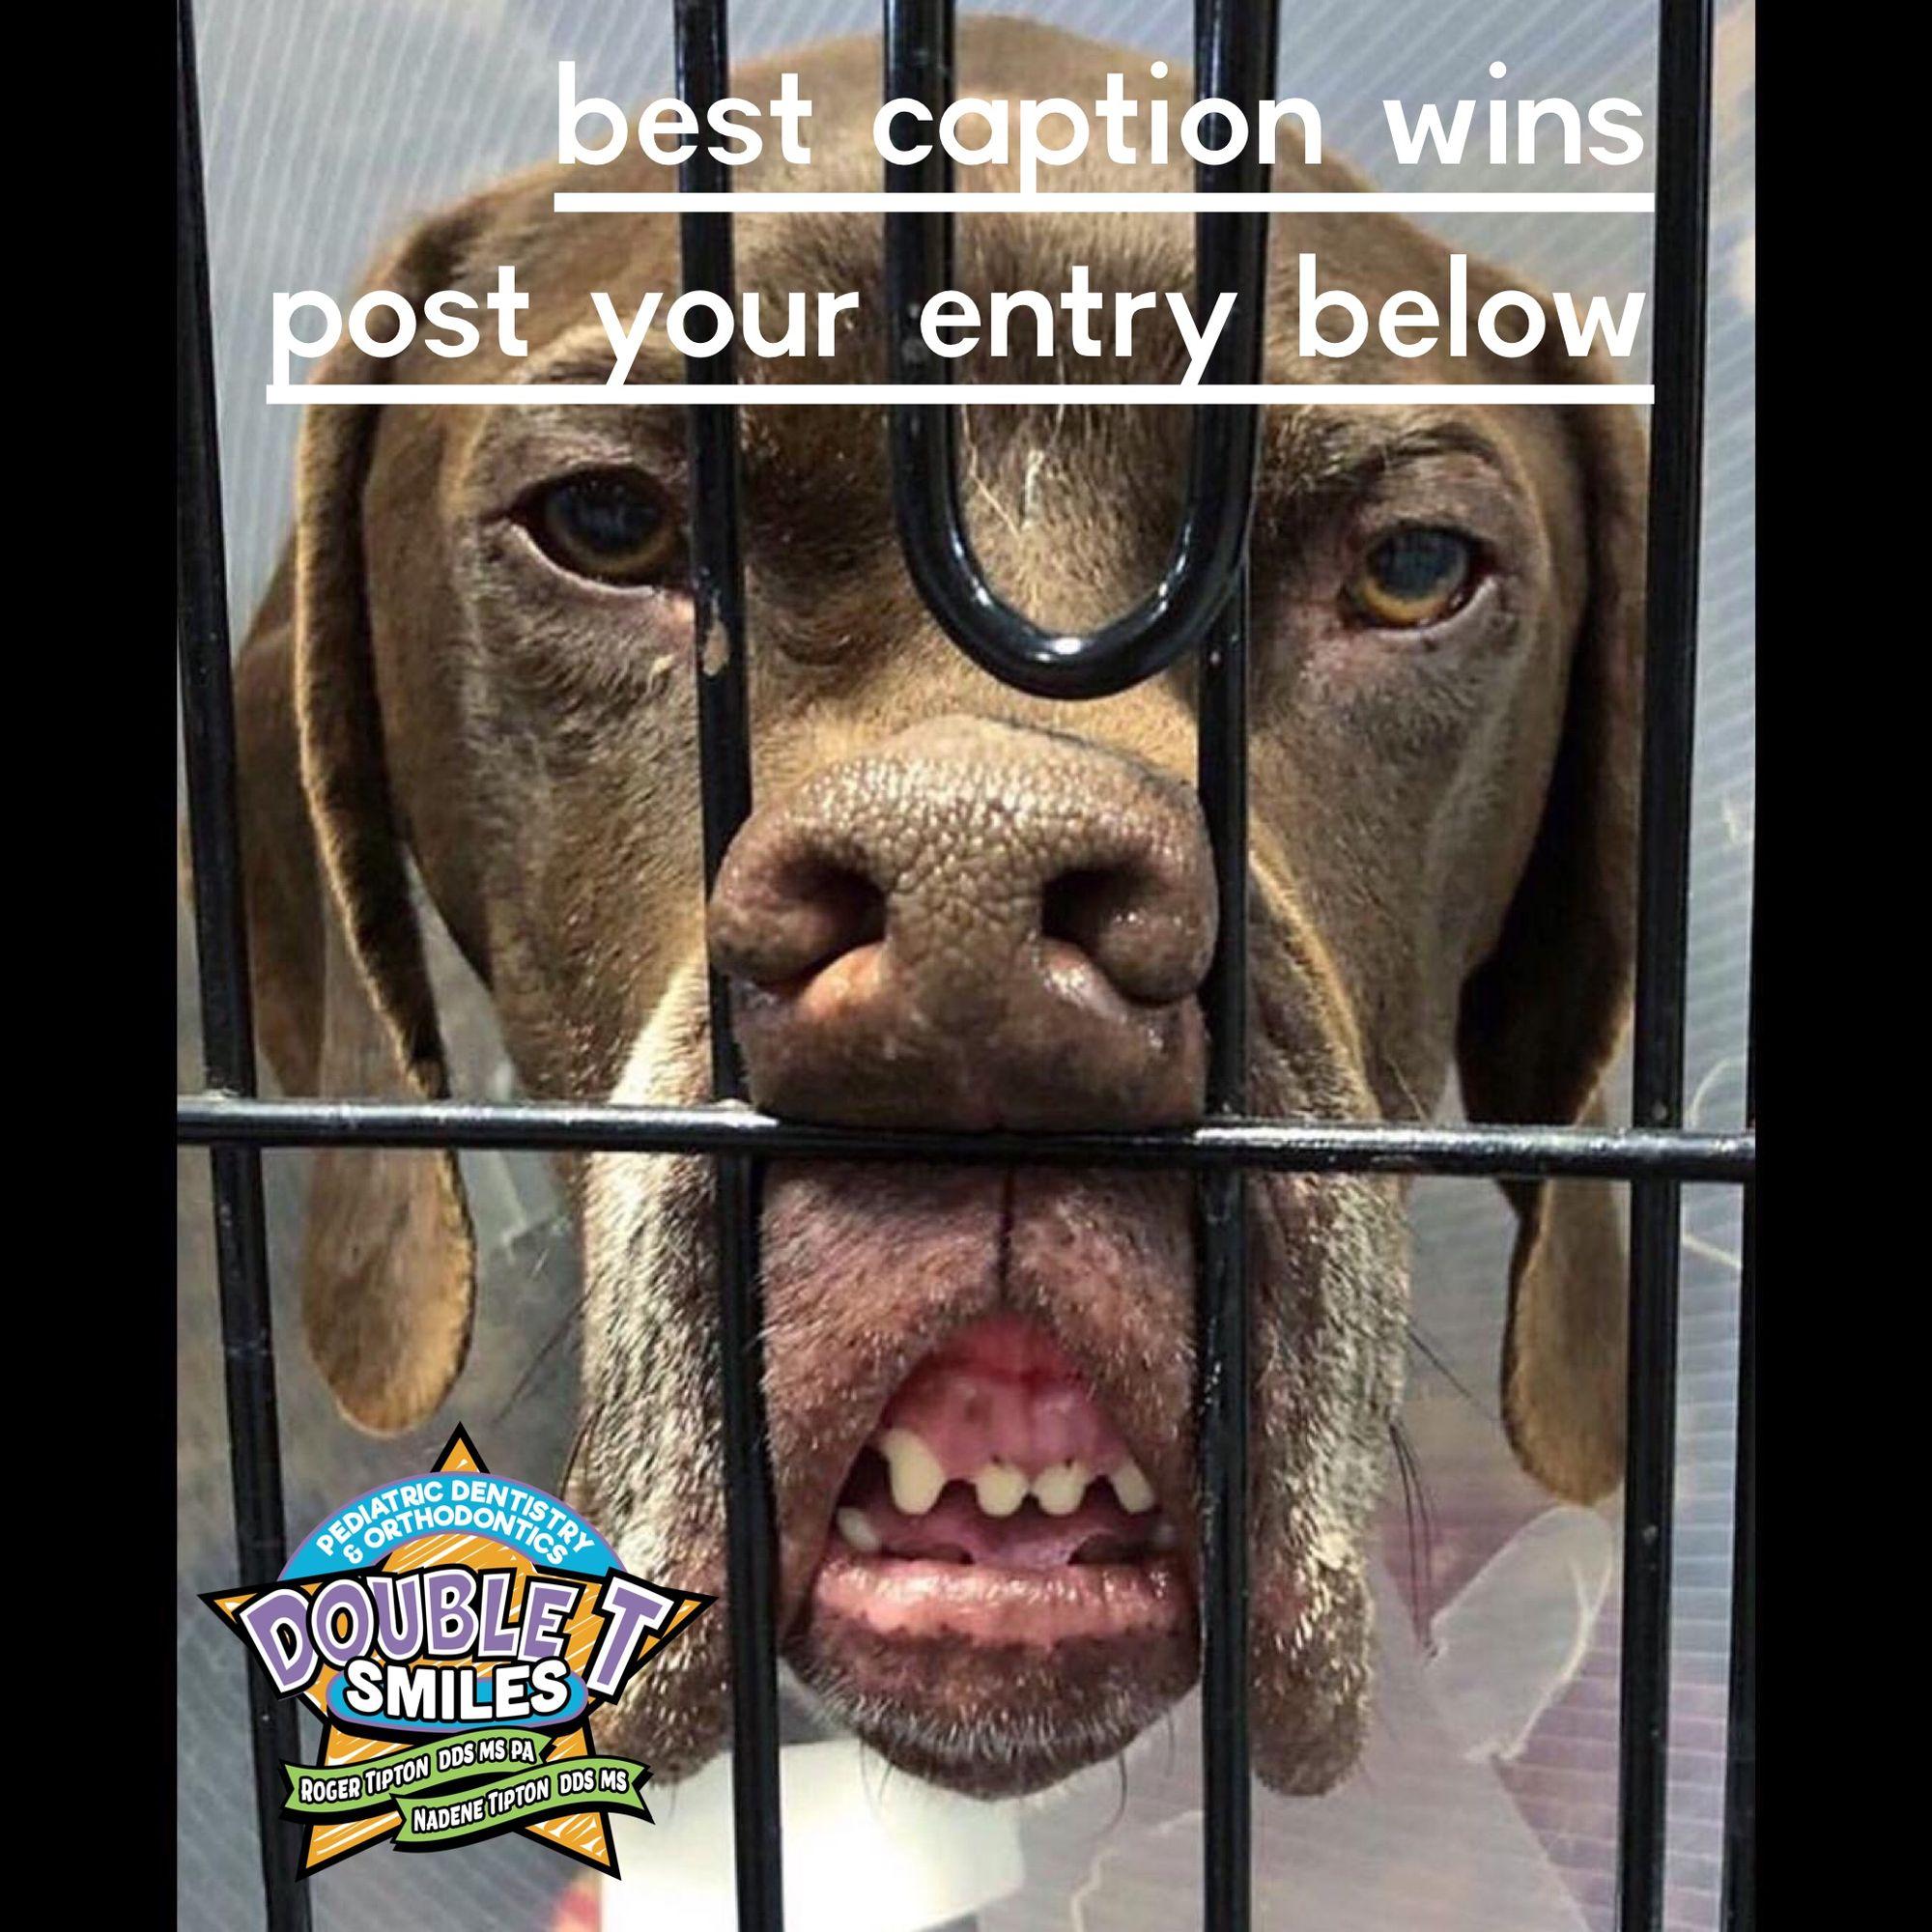 Captioncontest Entriesbelow Doubletsmiles Funfriday Gummysmile Loveourpatients Cool Captions Pediatric Dental Clear Braces